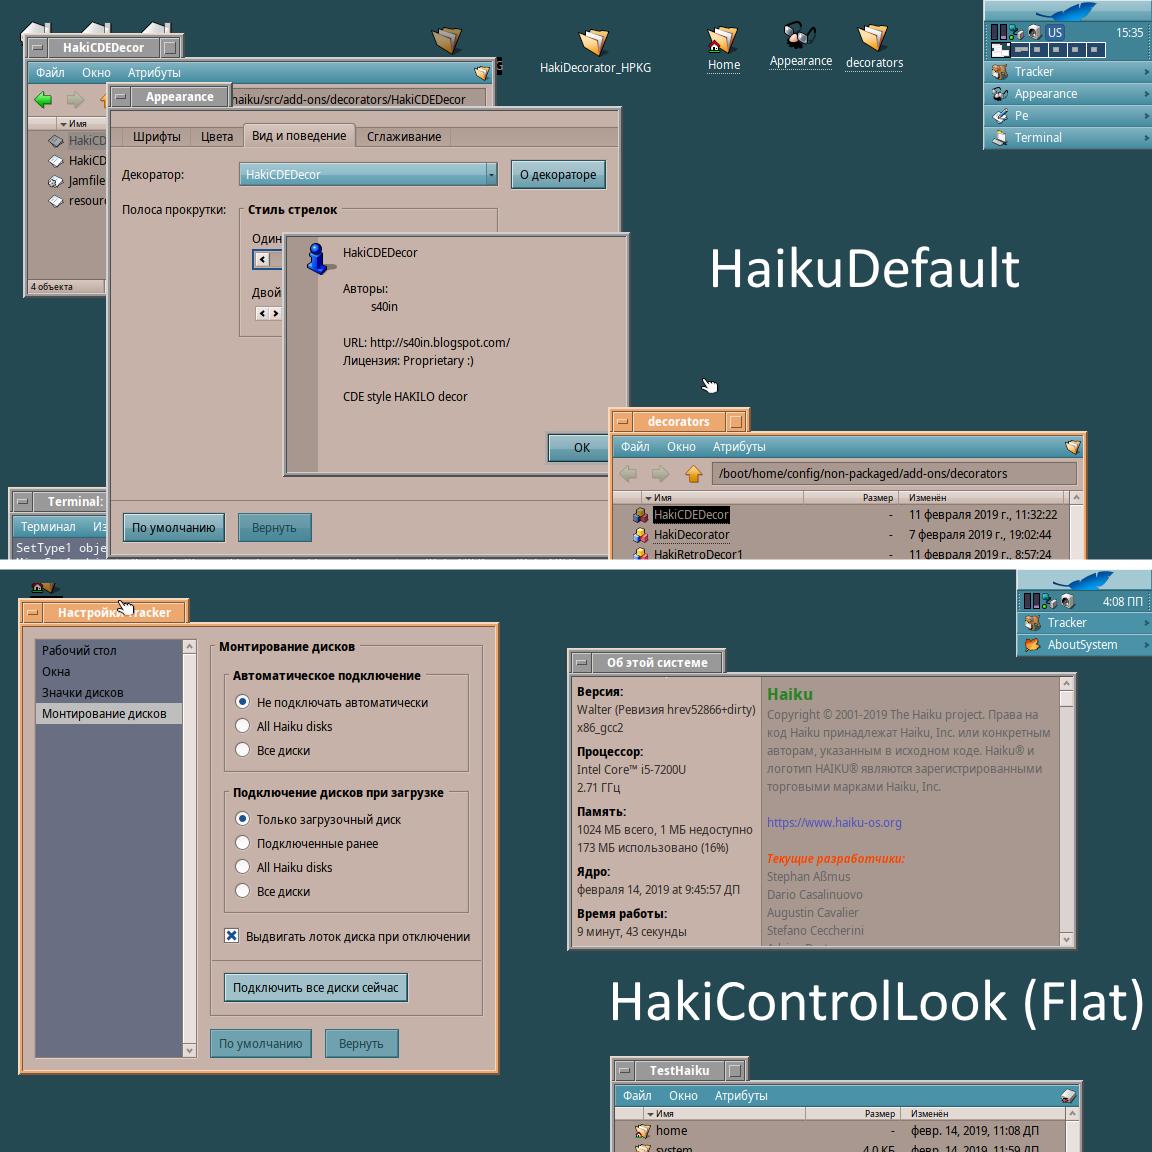 HakiControlLook_flat